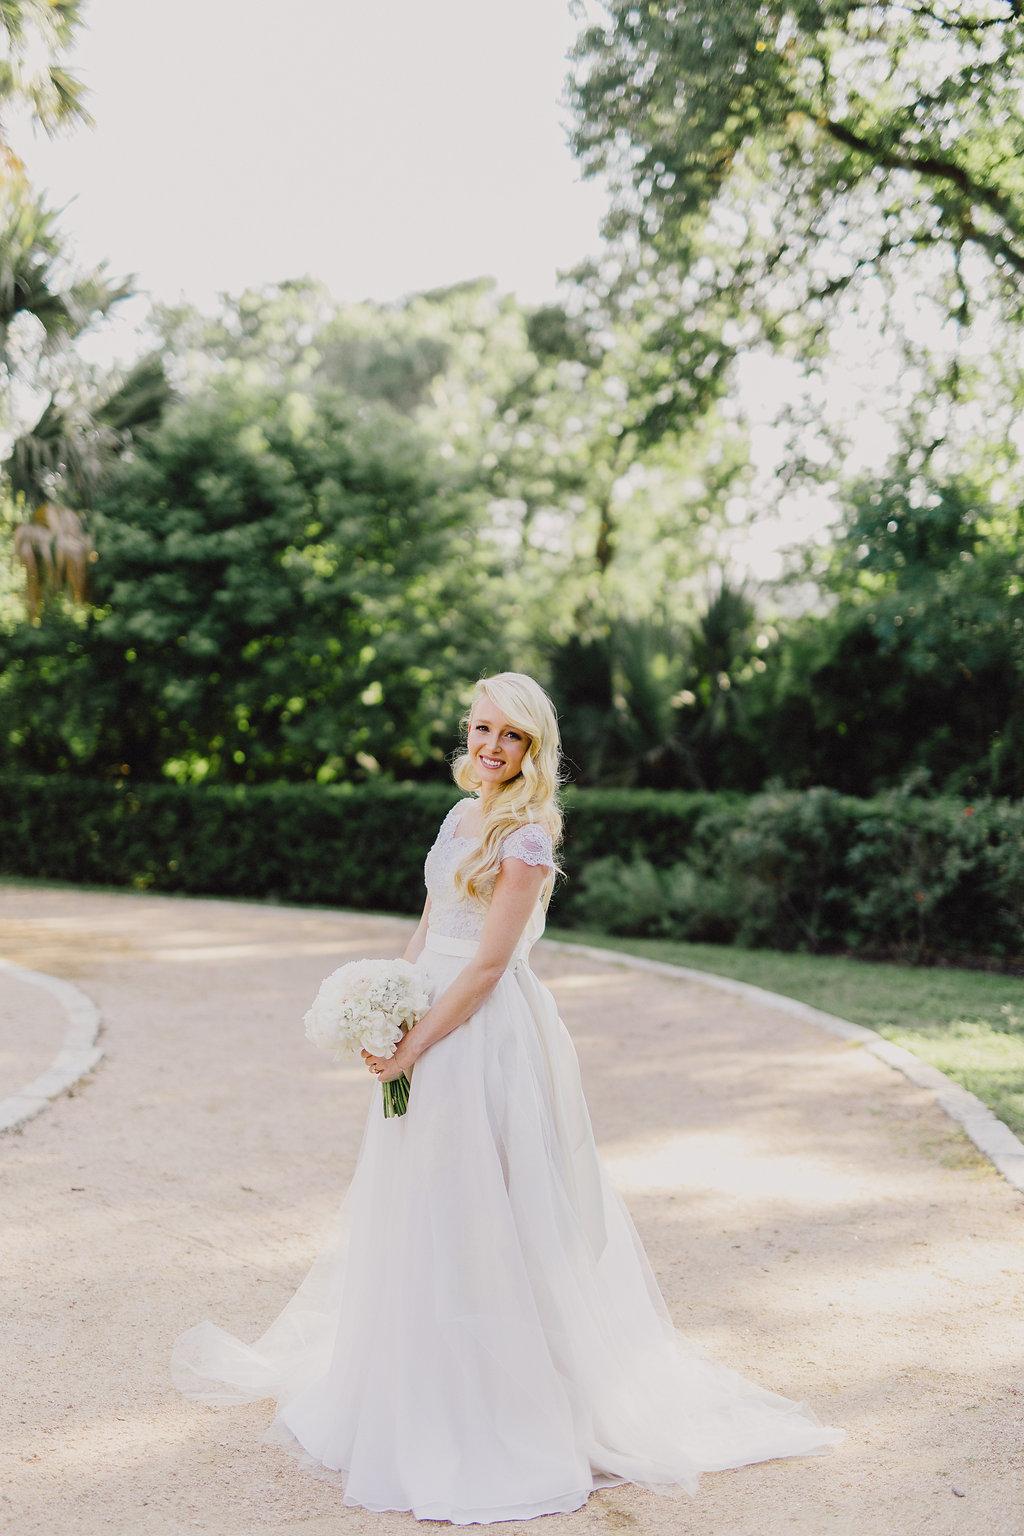 katie+bridals-44.jpg